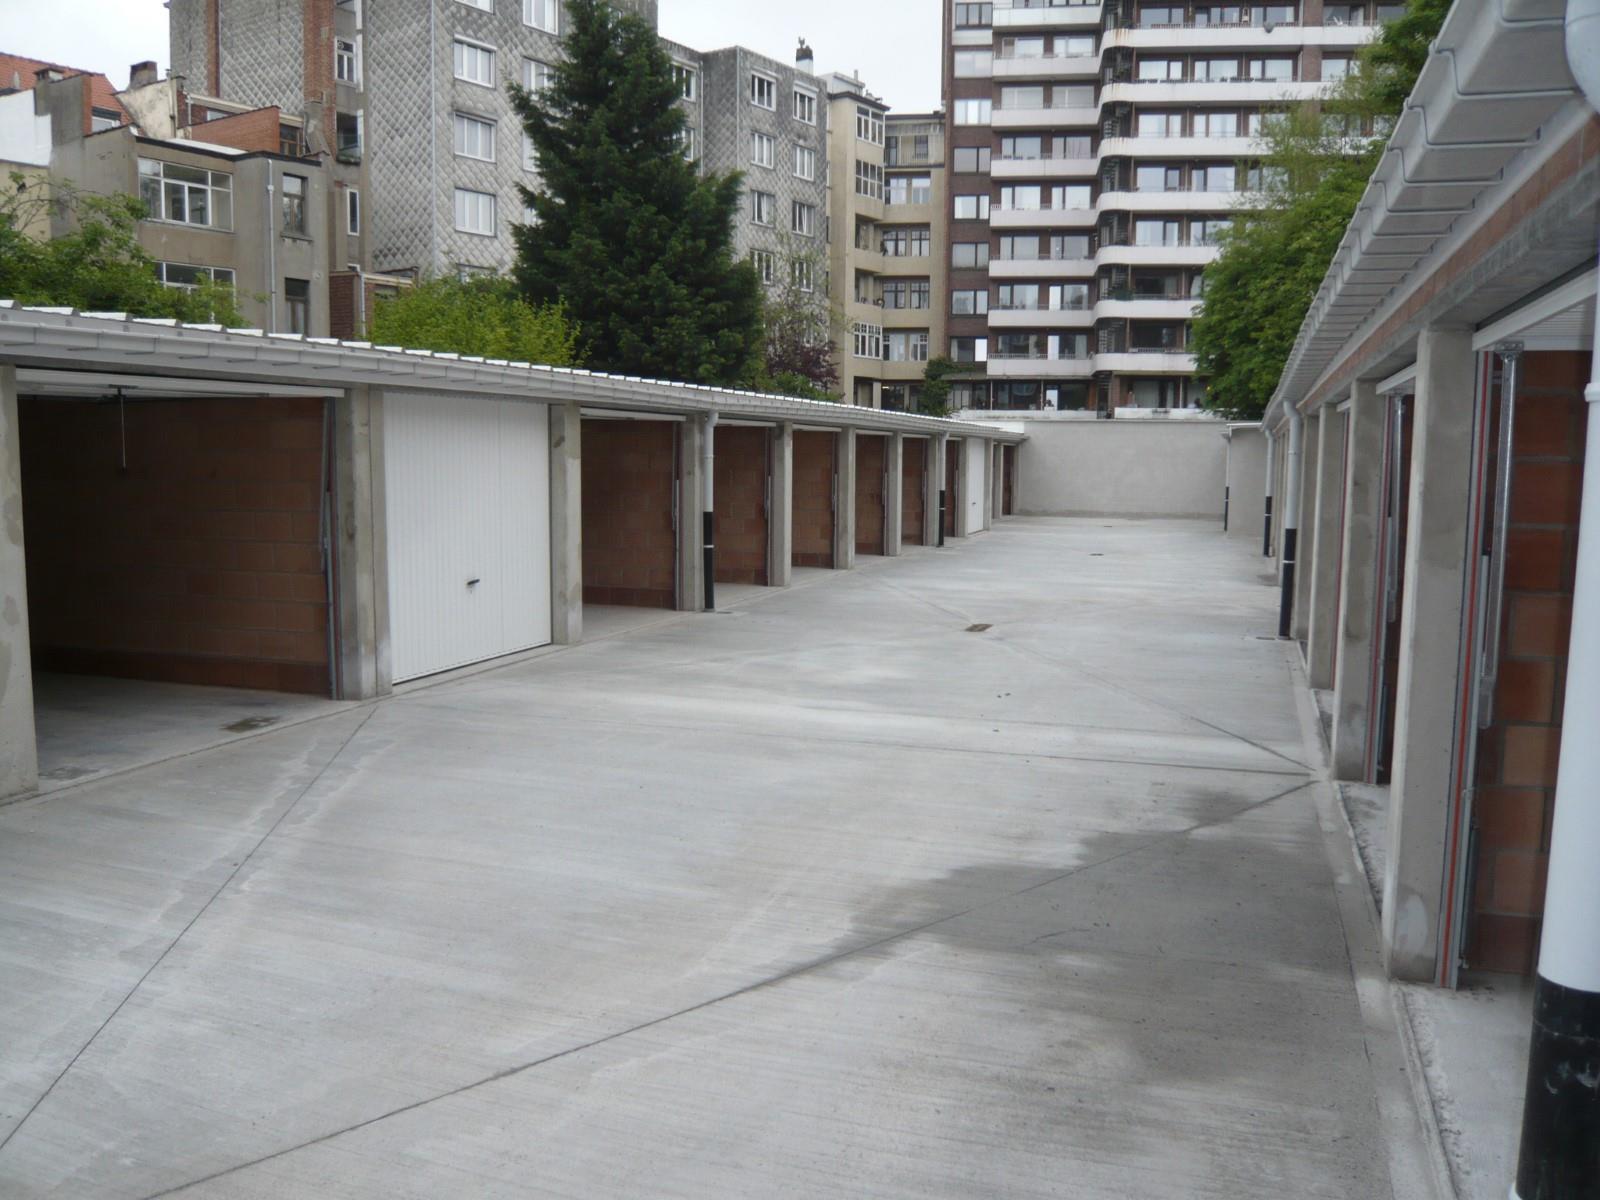 Closed garage - Schaerbeek - #2990563-1